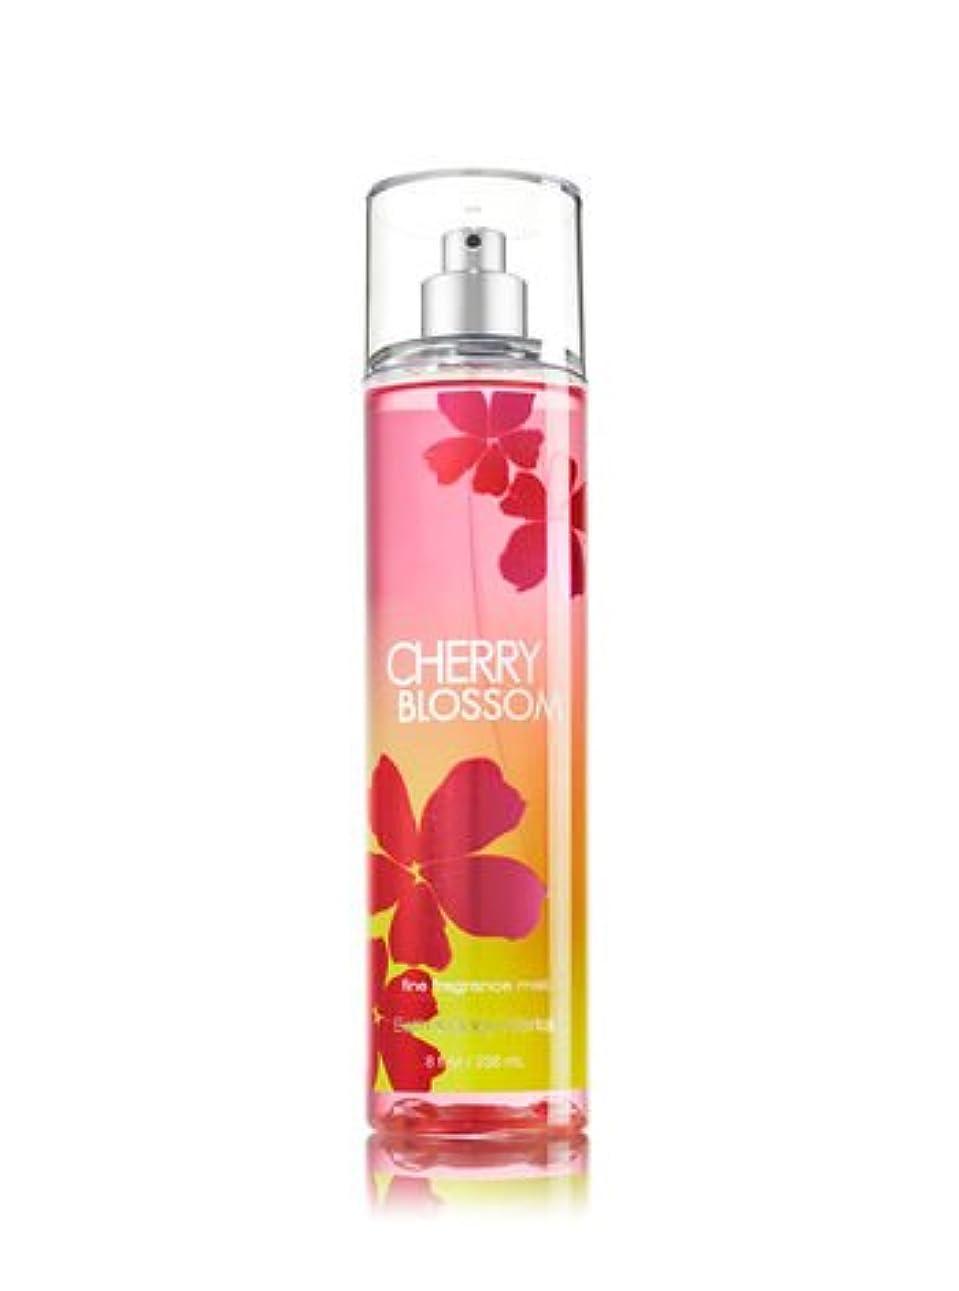 欠点ジャンプ篭【Bath&Body Works/バス&ボディワークス】 ファインフレグランスミスト チェリーブロッサム Fine Fragrance Mist Cherry Blossom 8oz (236ml) [並行輸入品]